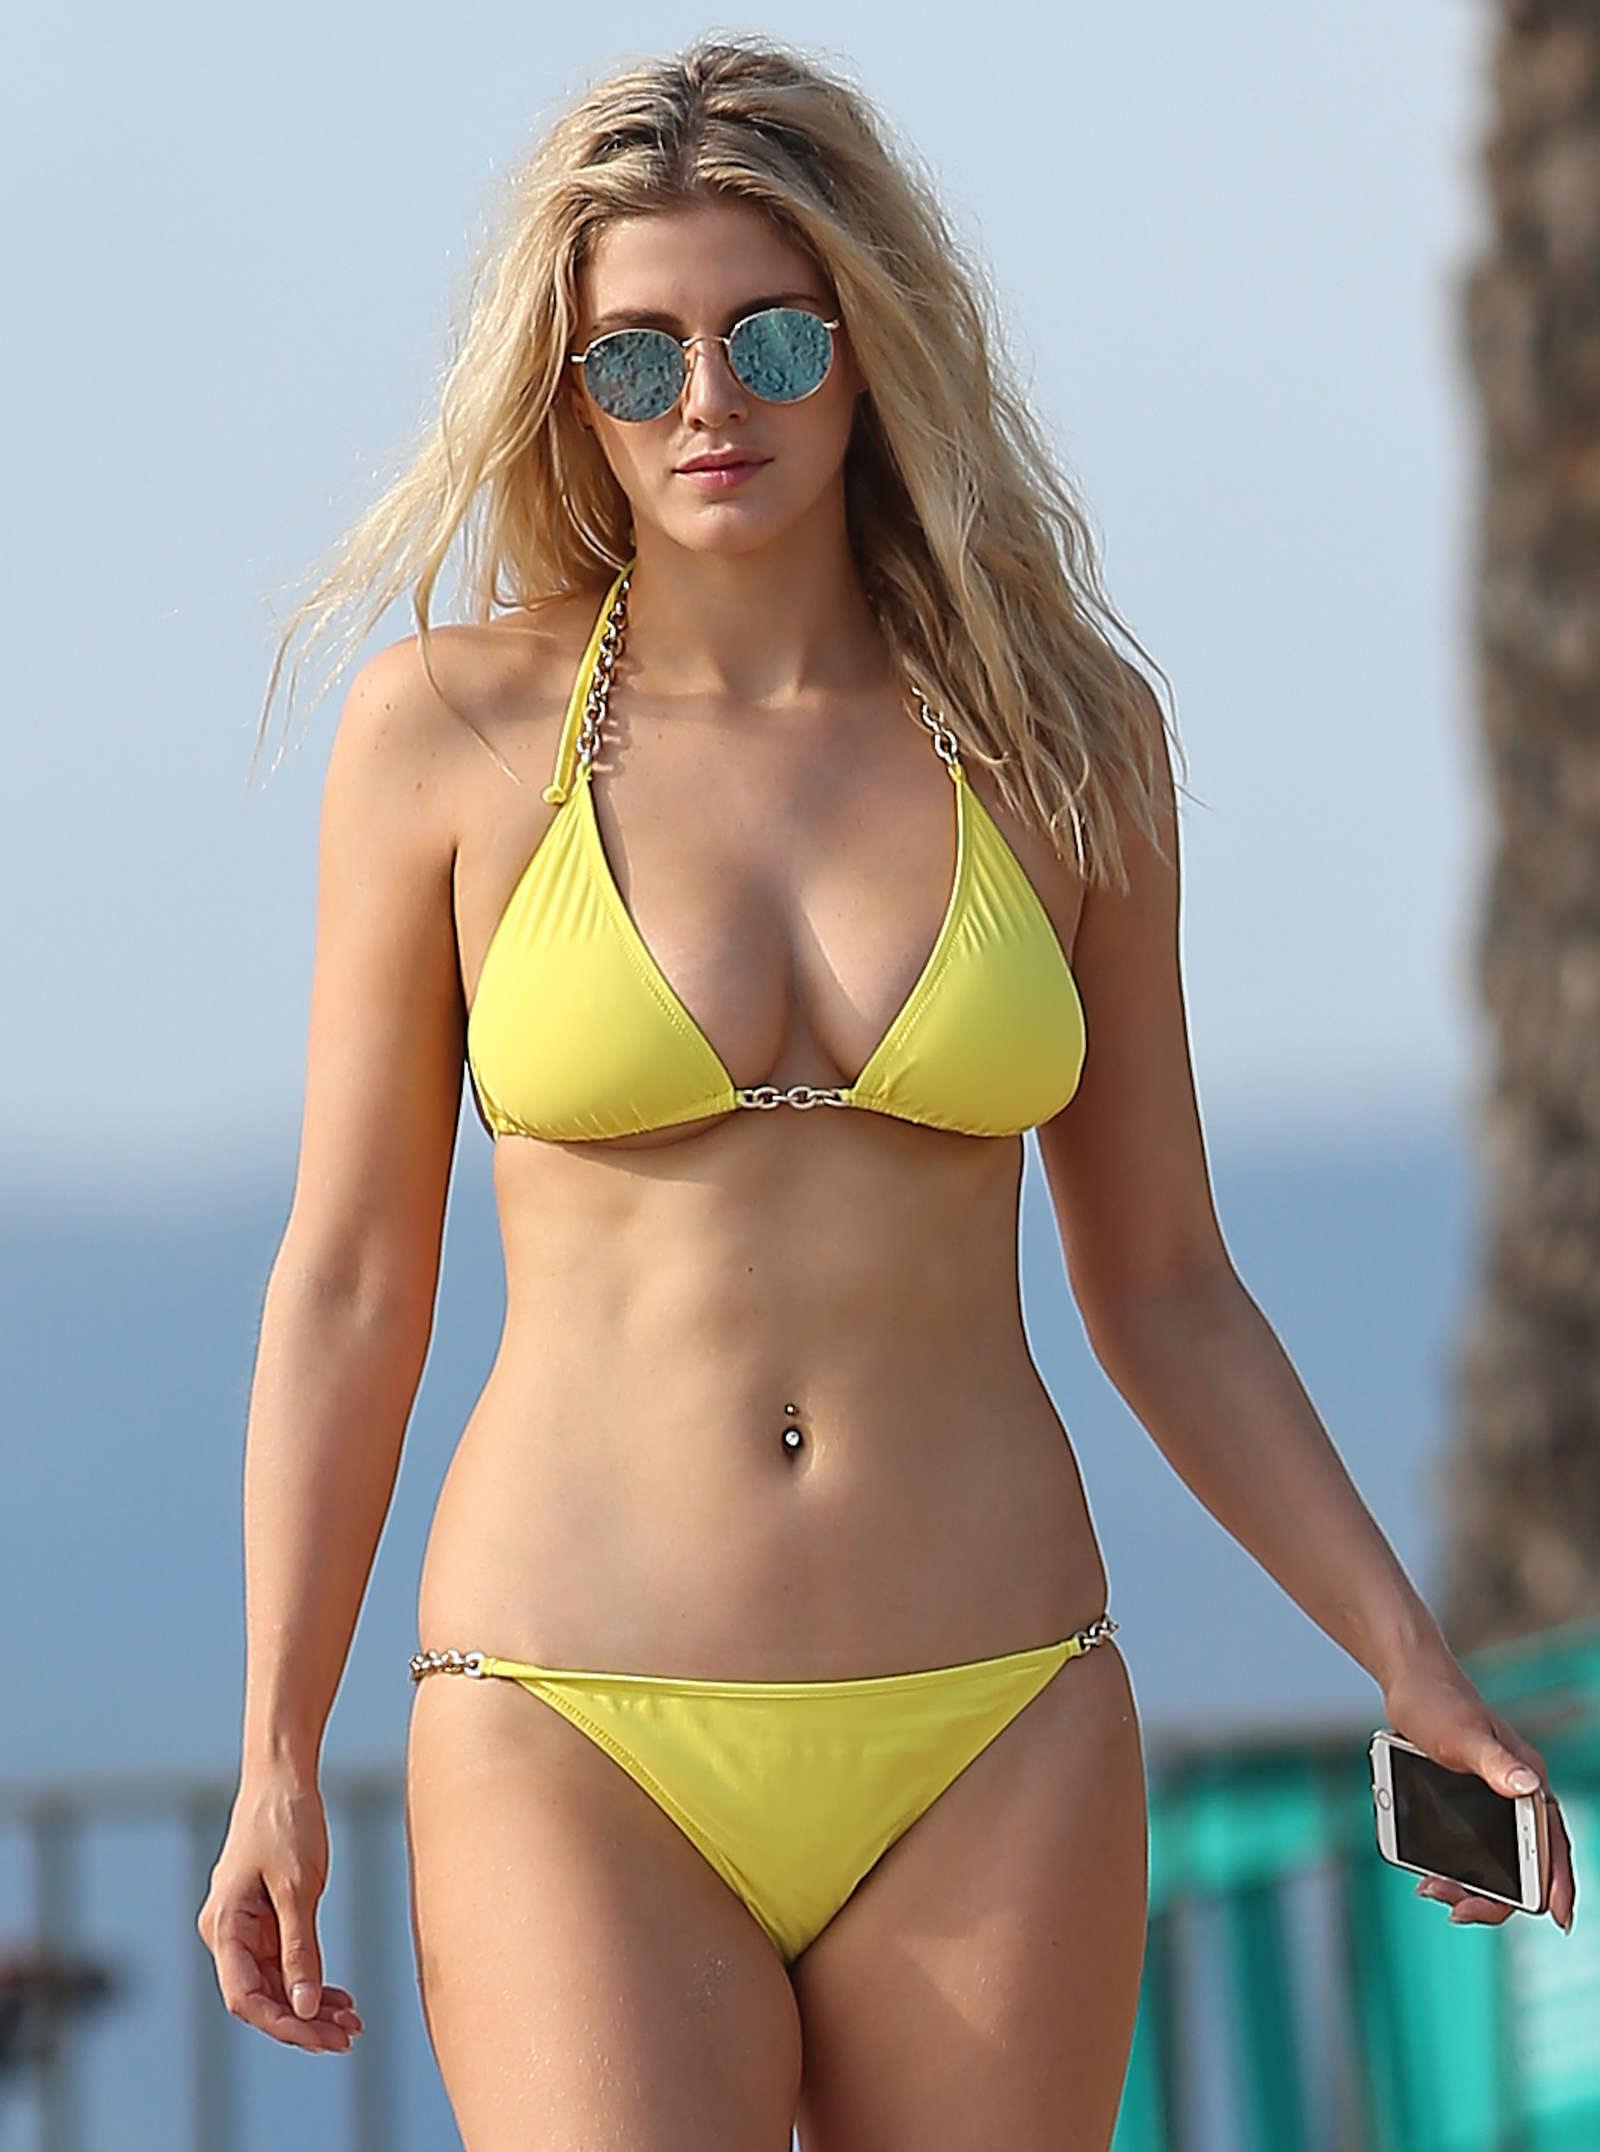 Ashley James in Yellow Bikini on the beach in Ibiza